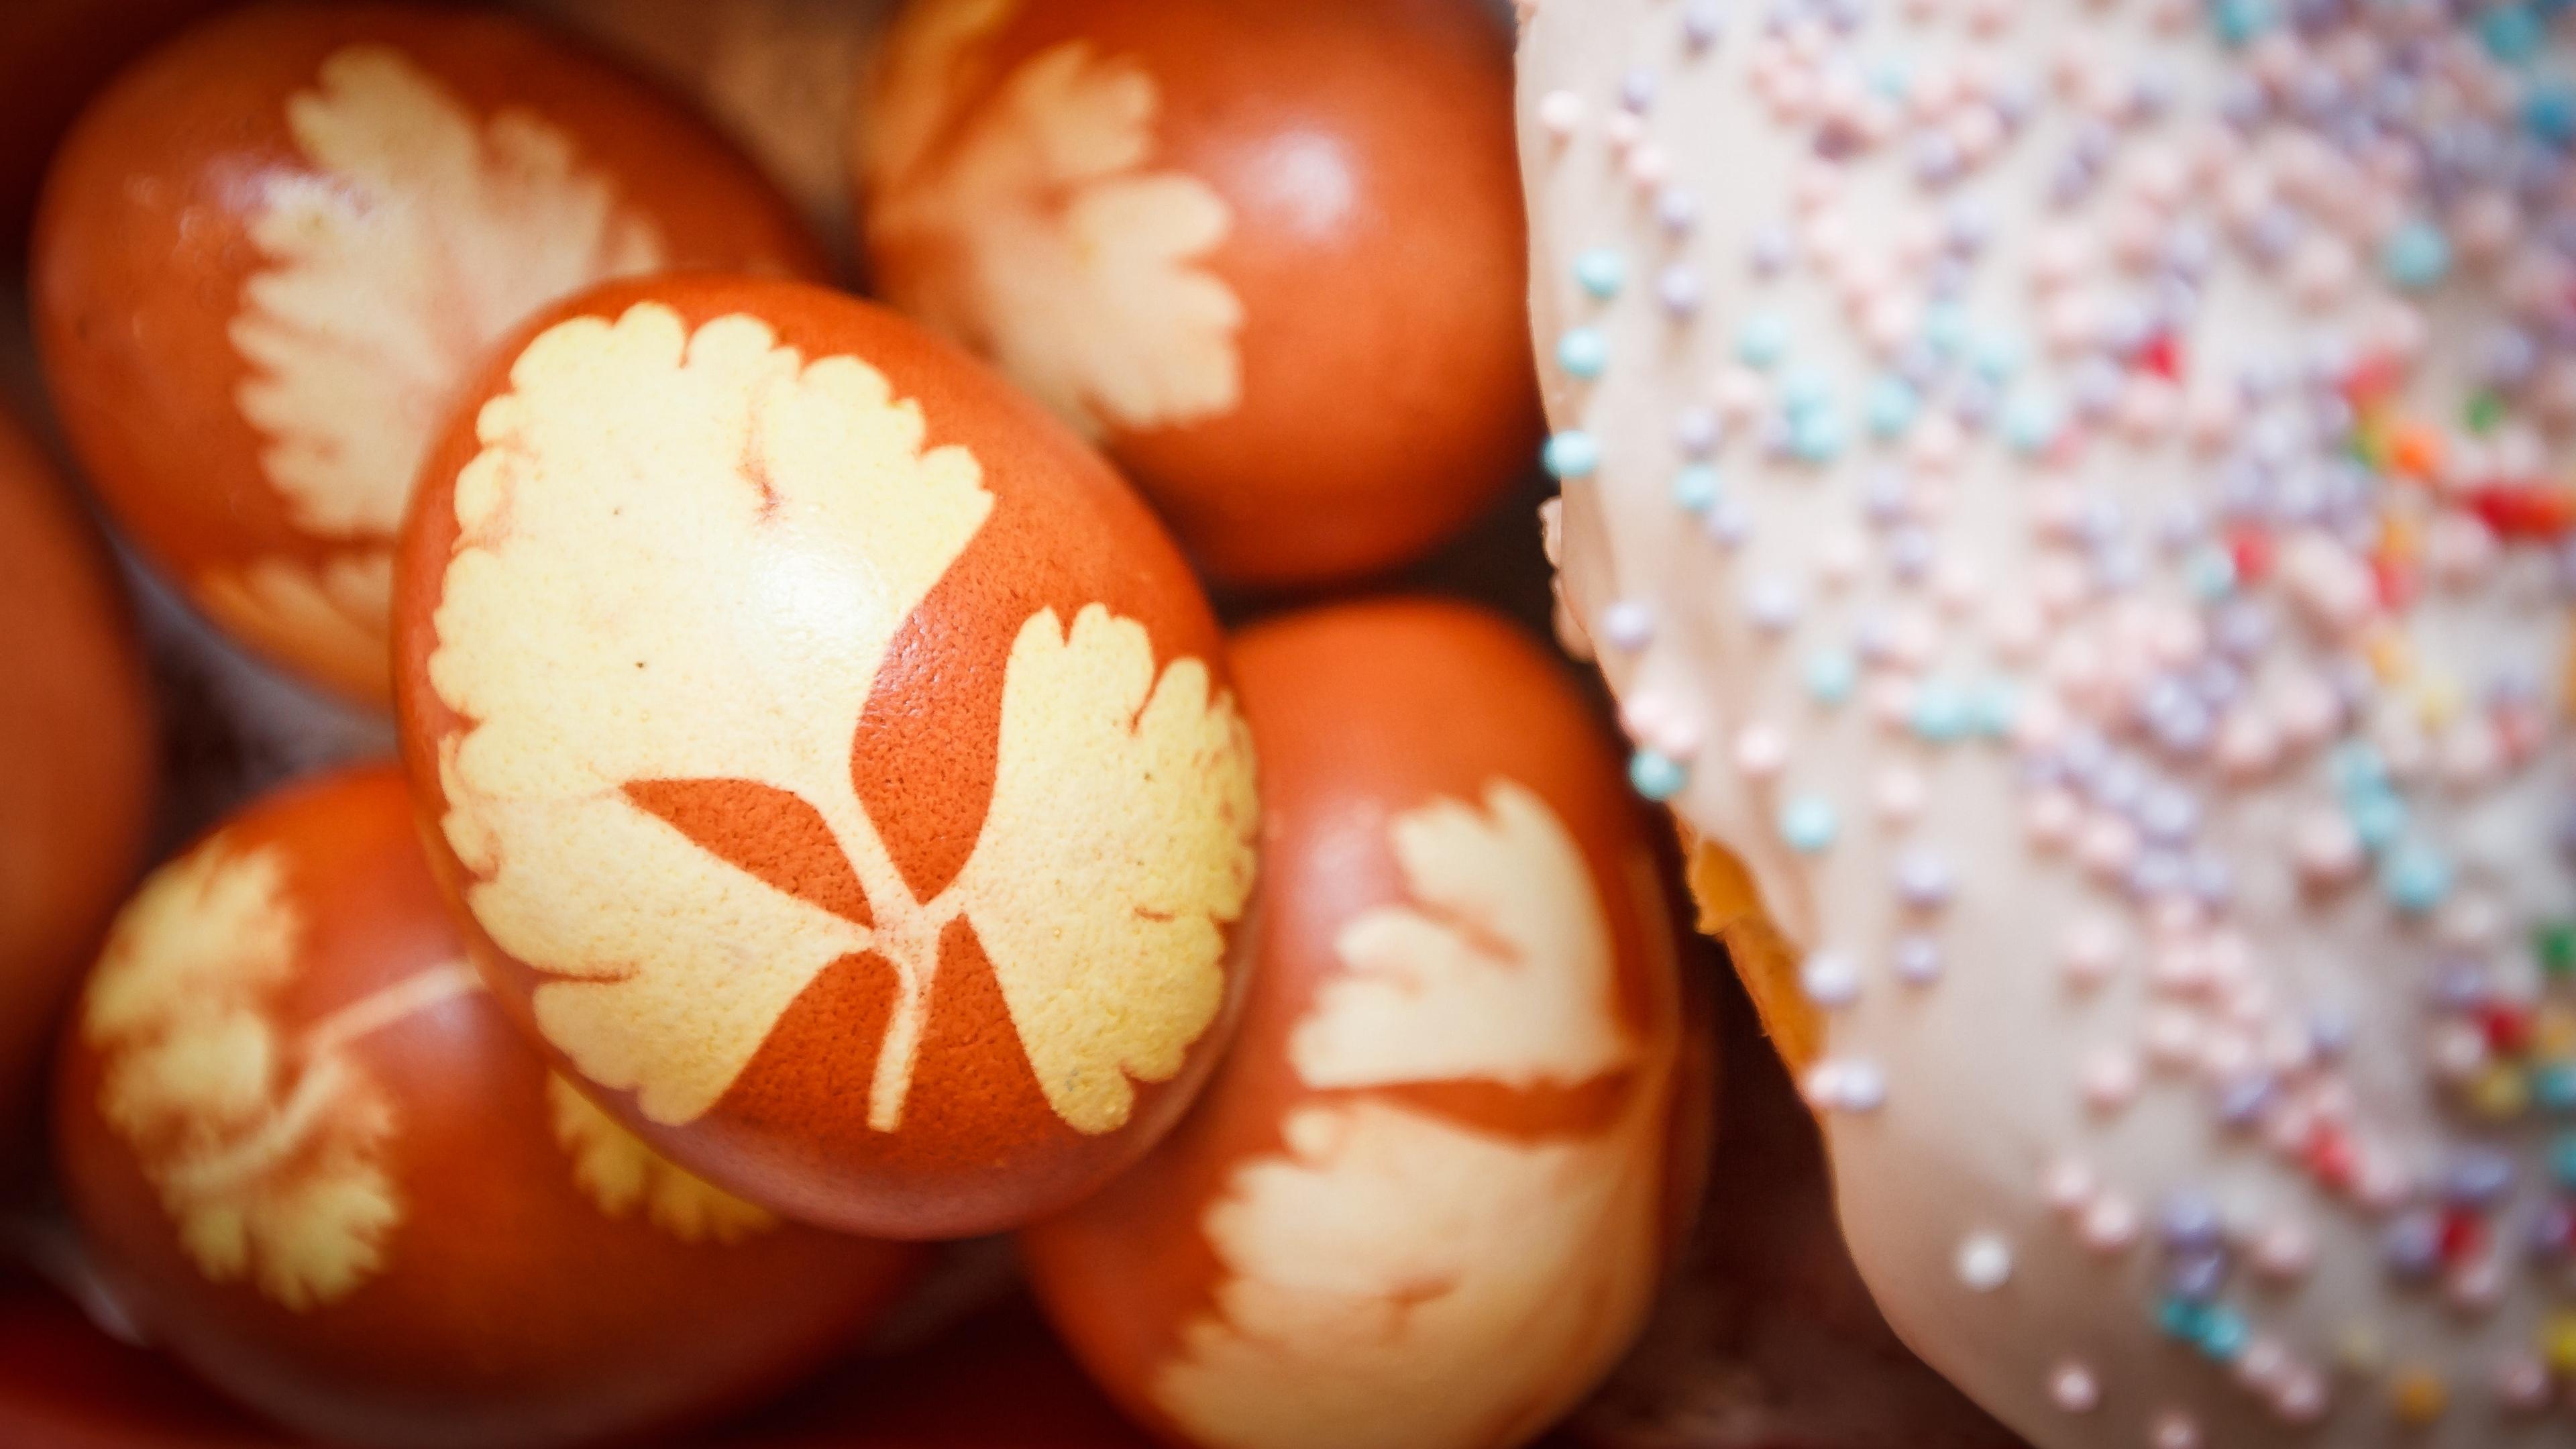 easter easter cake sprinkling decorating 4k 1538344967 - easter, easter cake, sprinkling, decorating 4k - sprinkling, easter cake, Easter